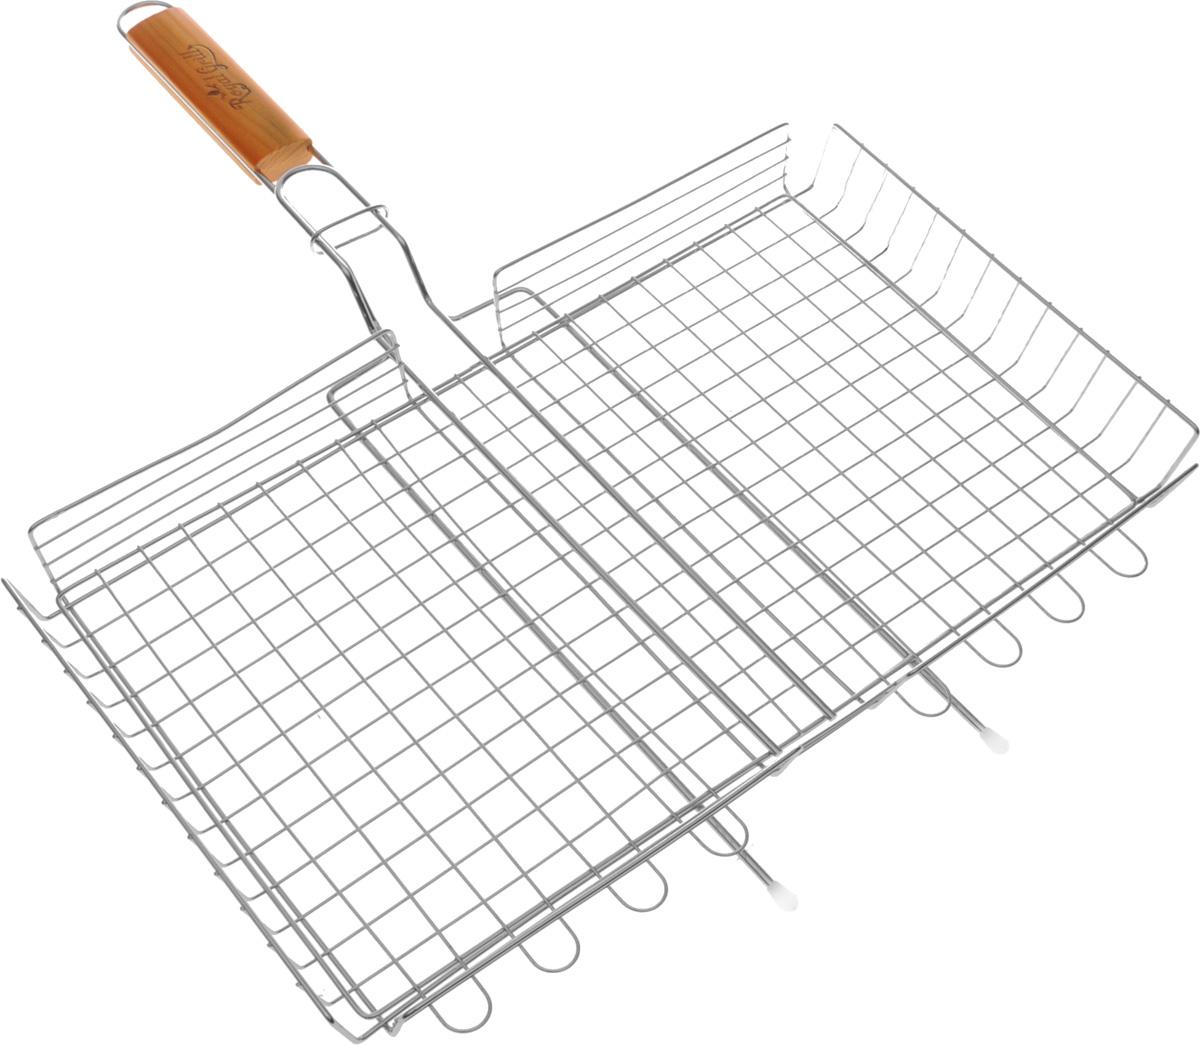 Решетка-гриль RoyalGrill BBQ time, глубокая, 45 х 25 см296Глубокая решетка-гриль RoyalGrill изготовлена из высококачественной пищевой стали, а рукоятка выполнена из дерева. Верхний сегмент решетки фиксируется с помощью кольца на ручке. Решетка предназначена для приготовления овощей и крупных кусков мяса, птицы, рыбы. Надежная конструкция удобна в использовании. Размер решетки: 45 х 25 х 5 см. Длина (с ручкой): 57 см.